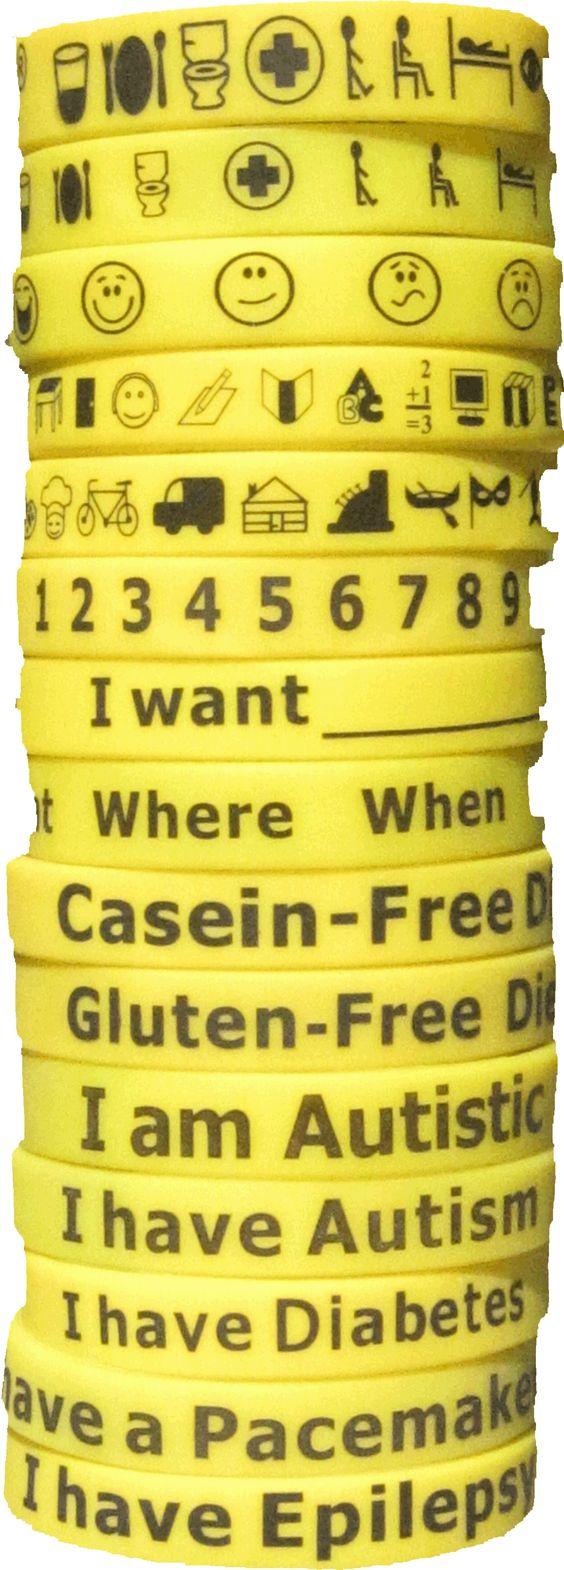 a variety of communication bracelets